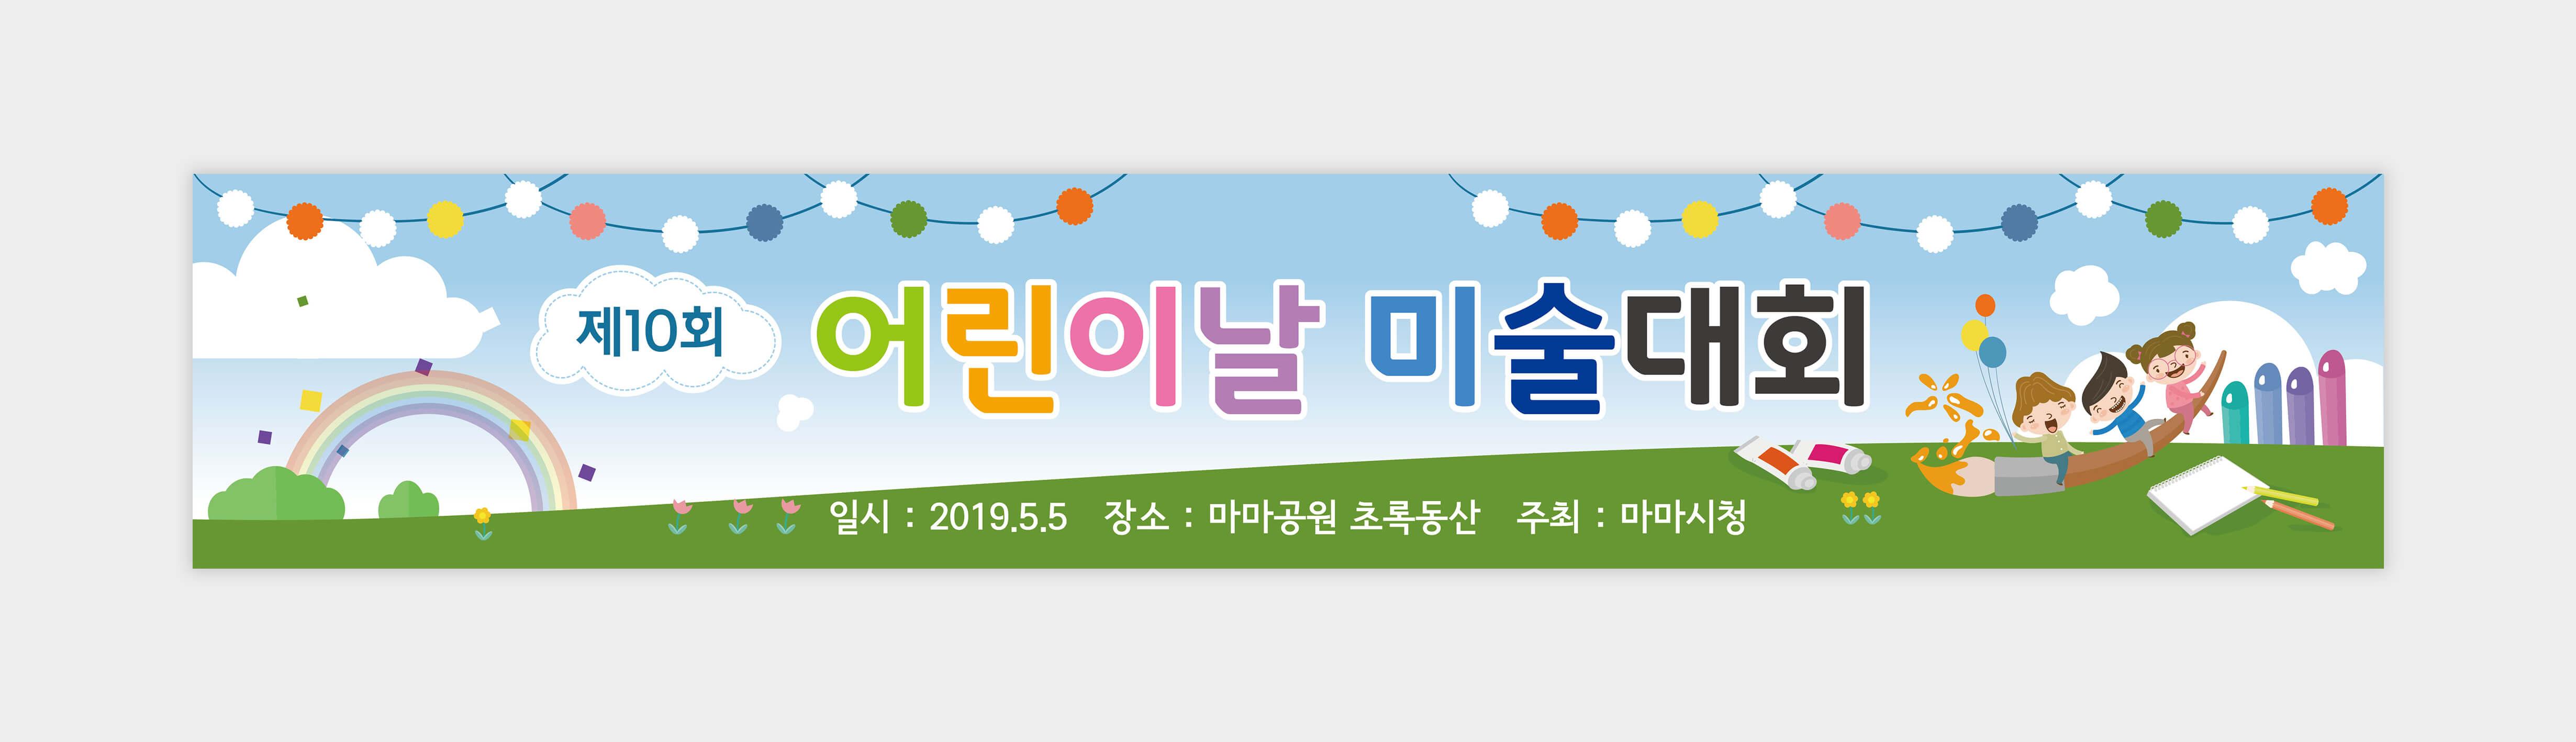 현수막_043